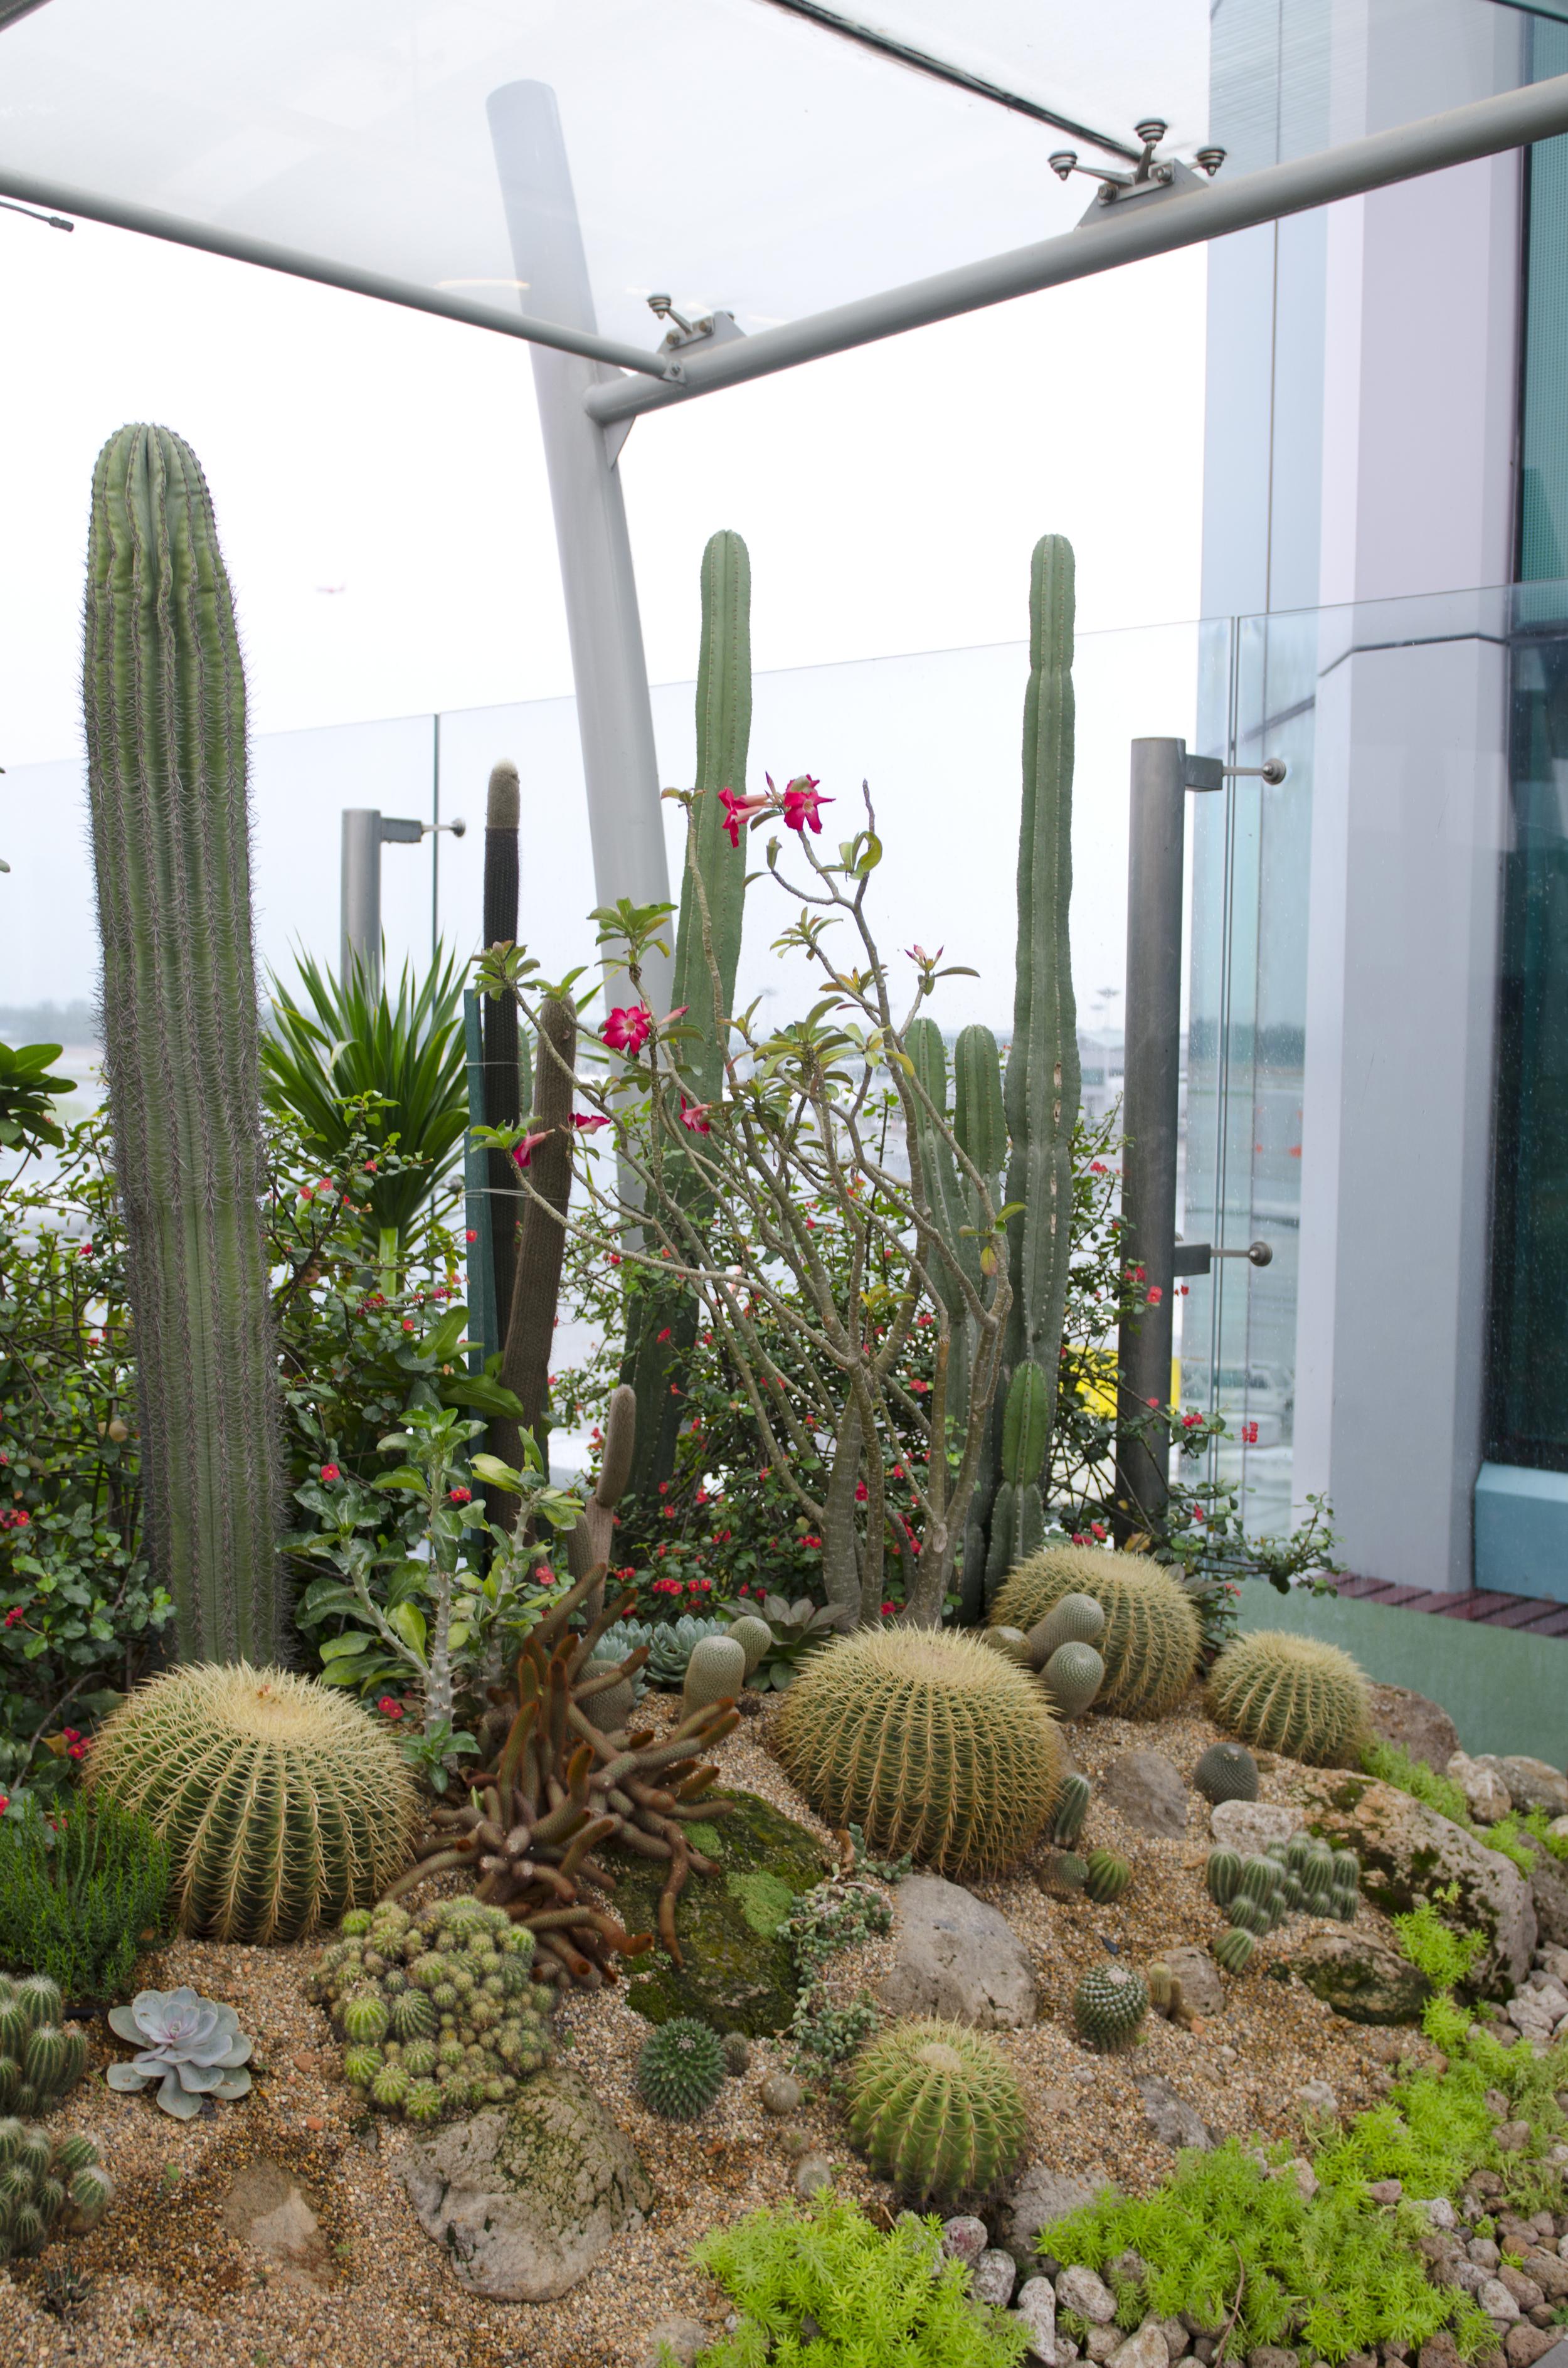 Up in the rooftop cactus garden